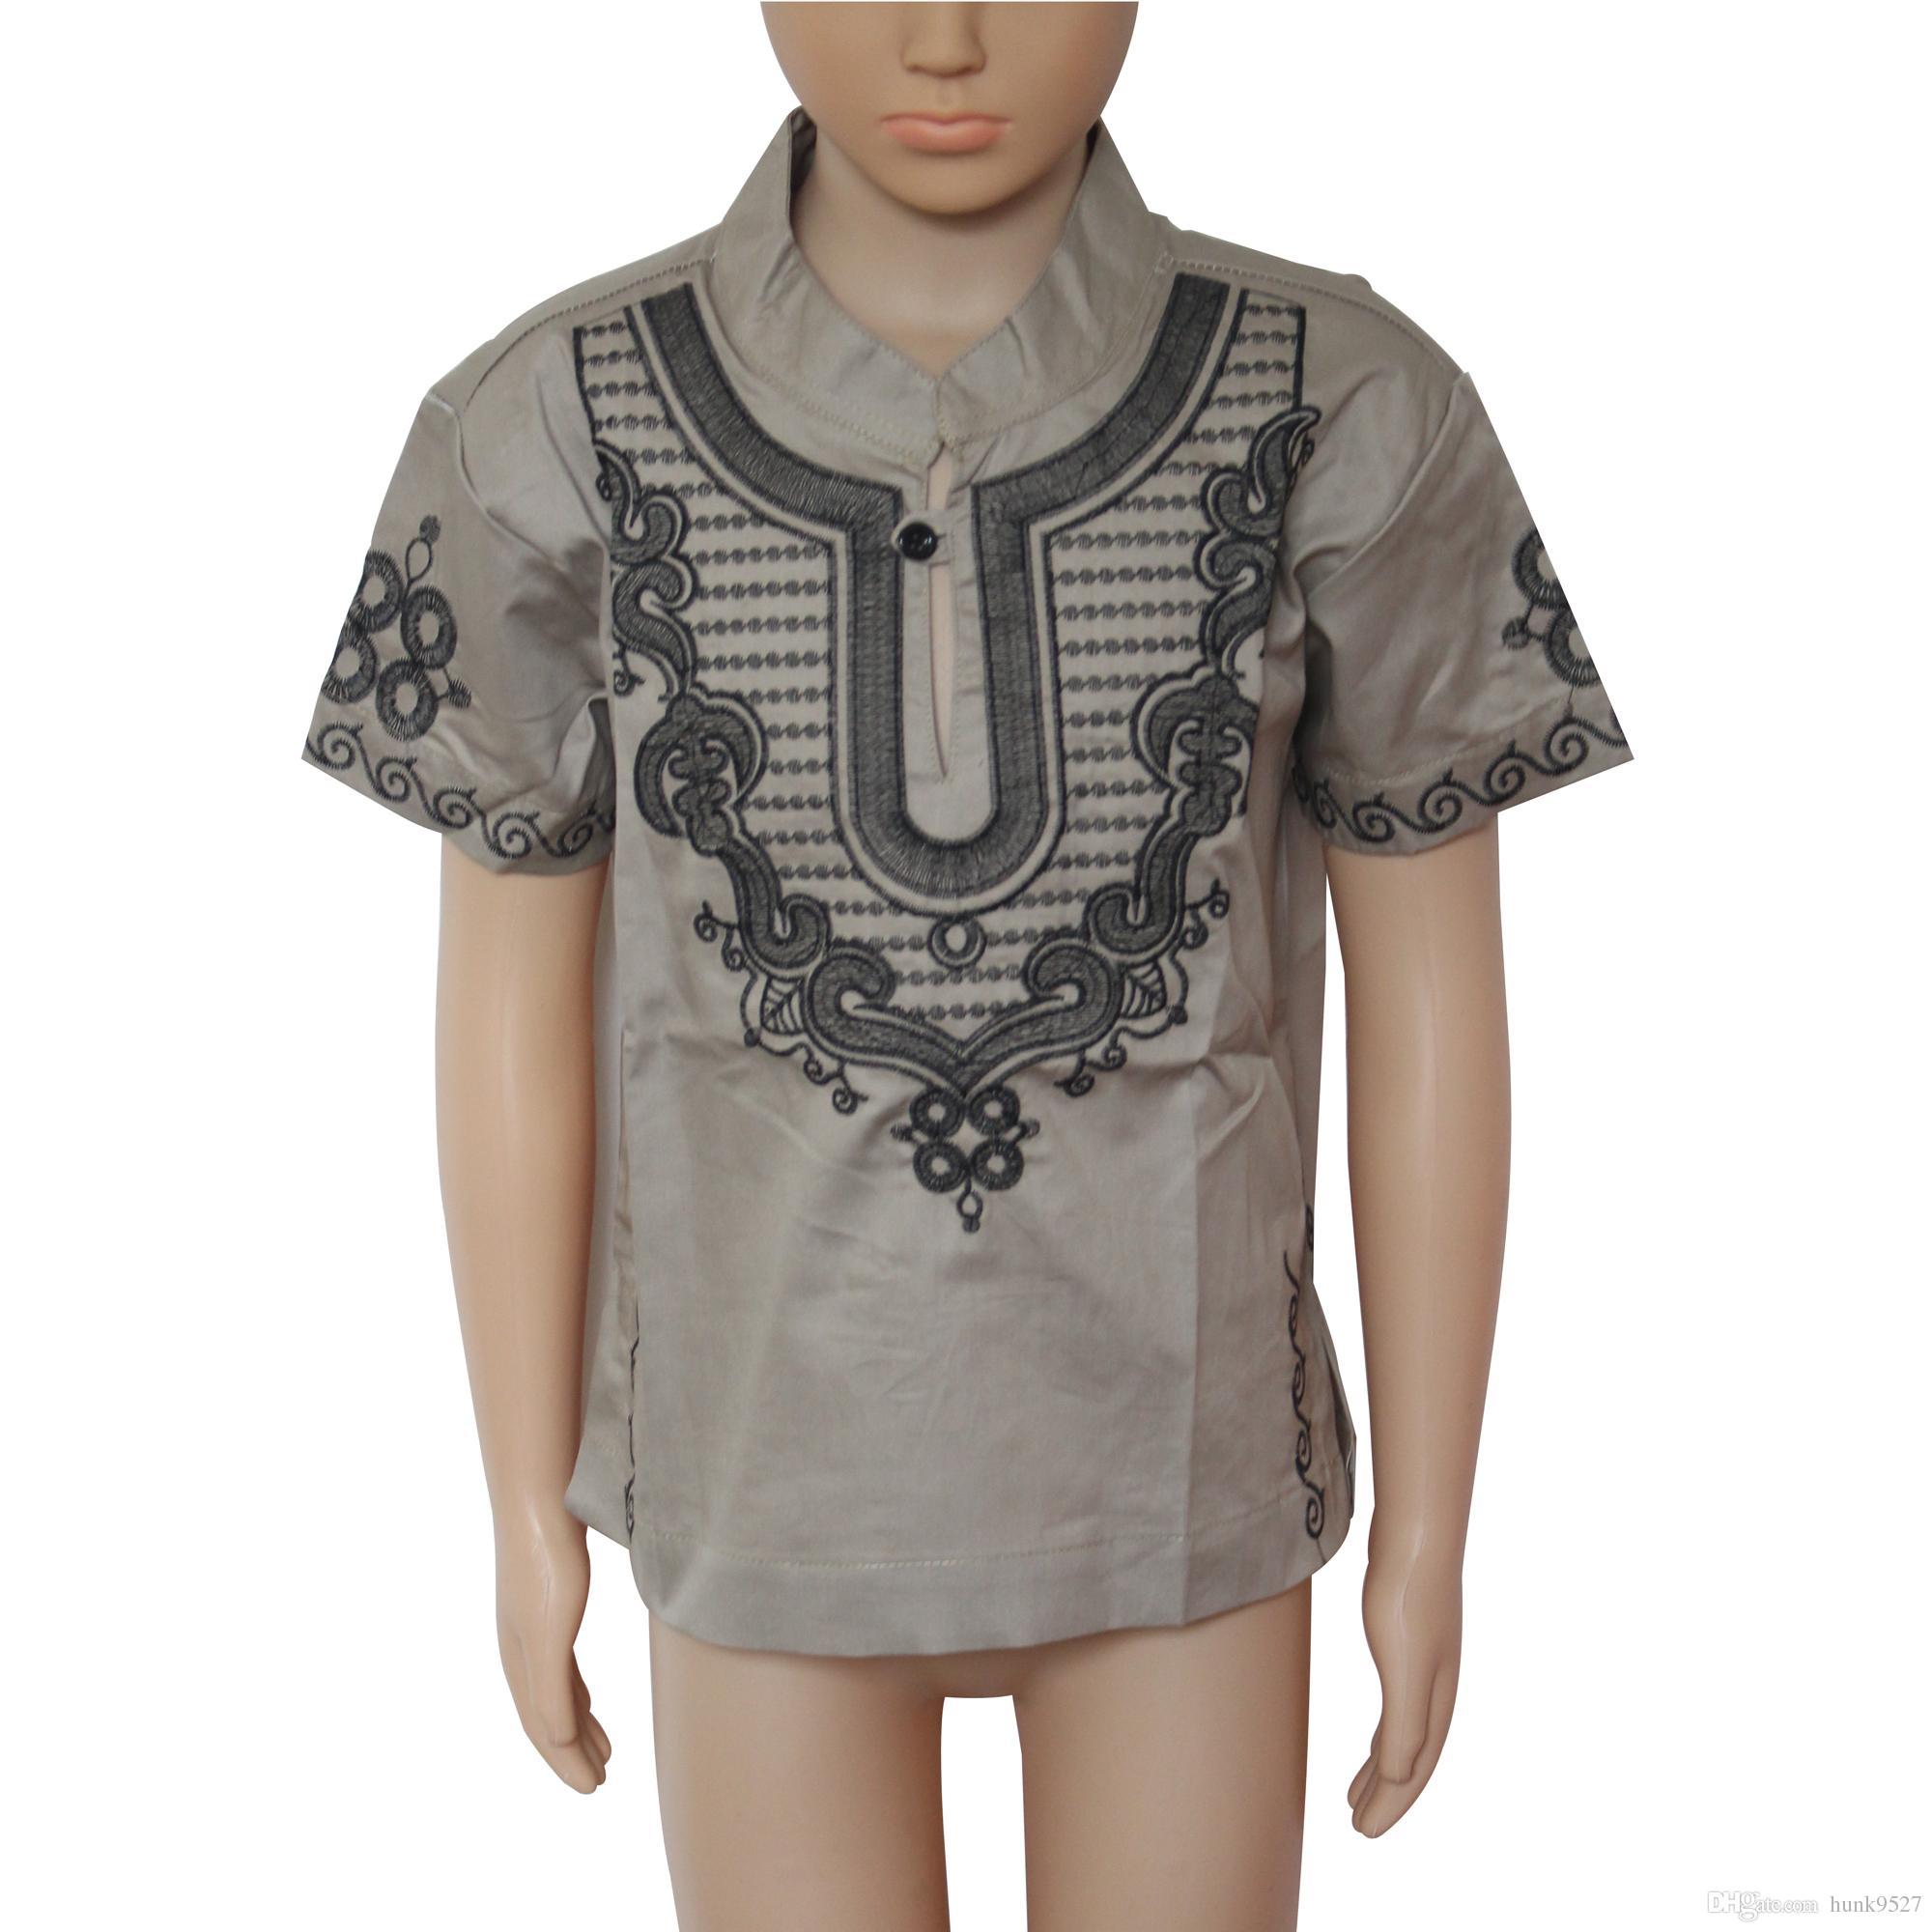 Cotton Toddler Boy T Shirts for Children Summer Fashion Kids T